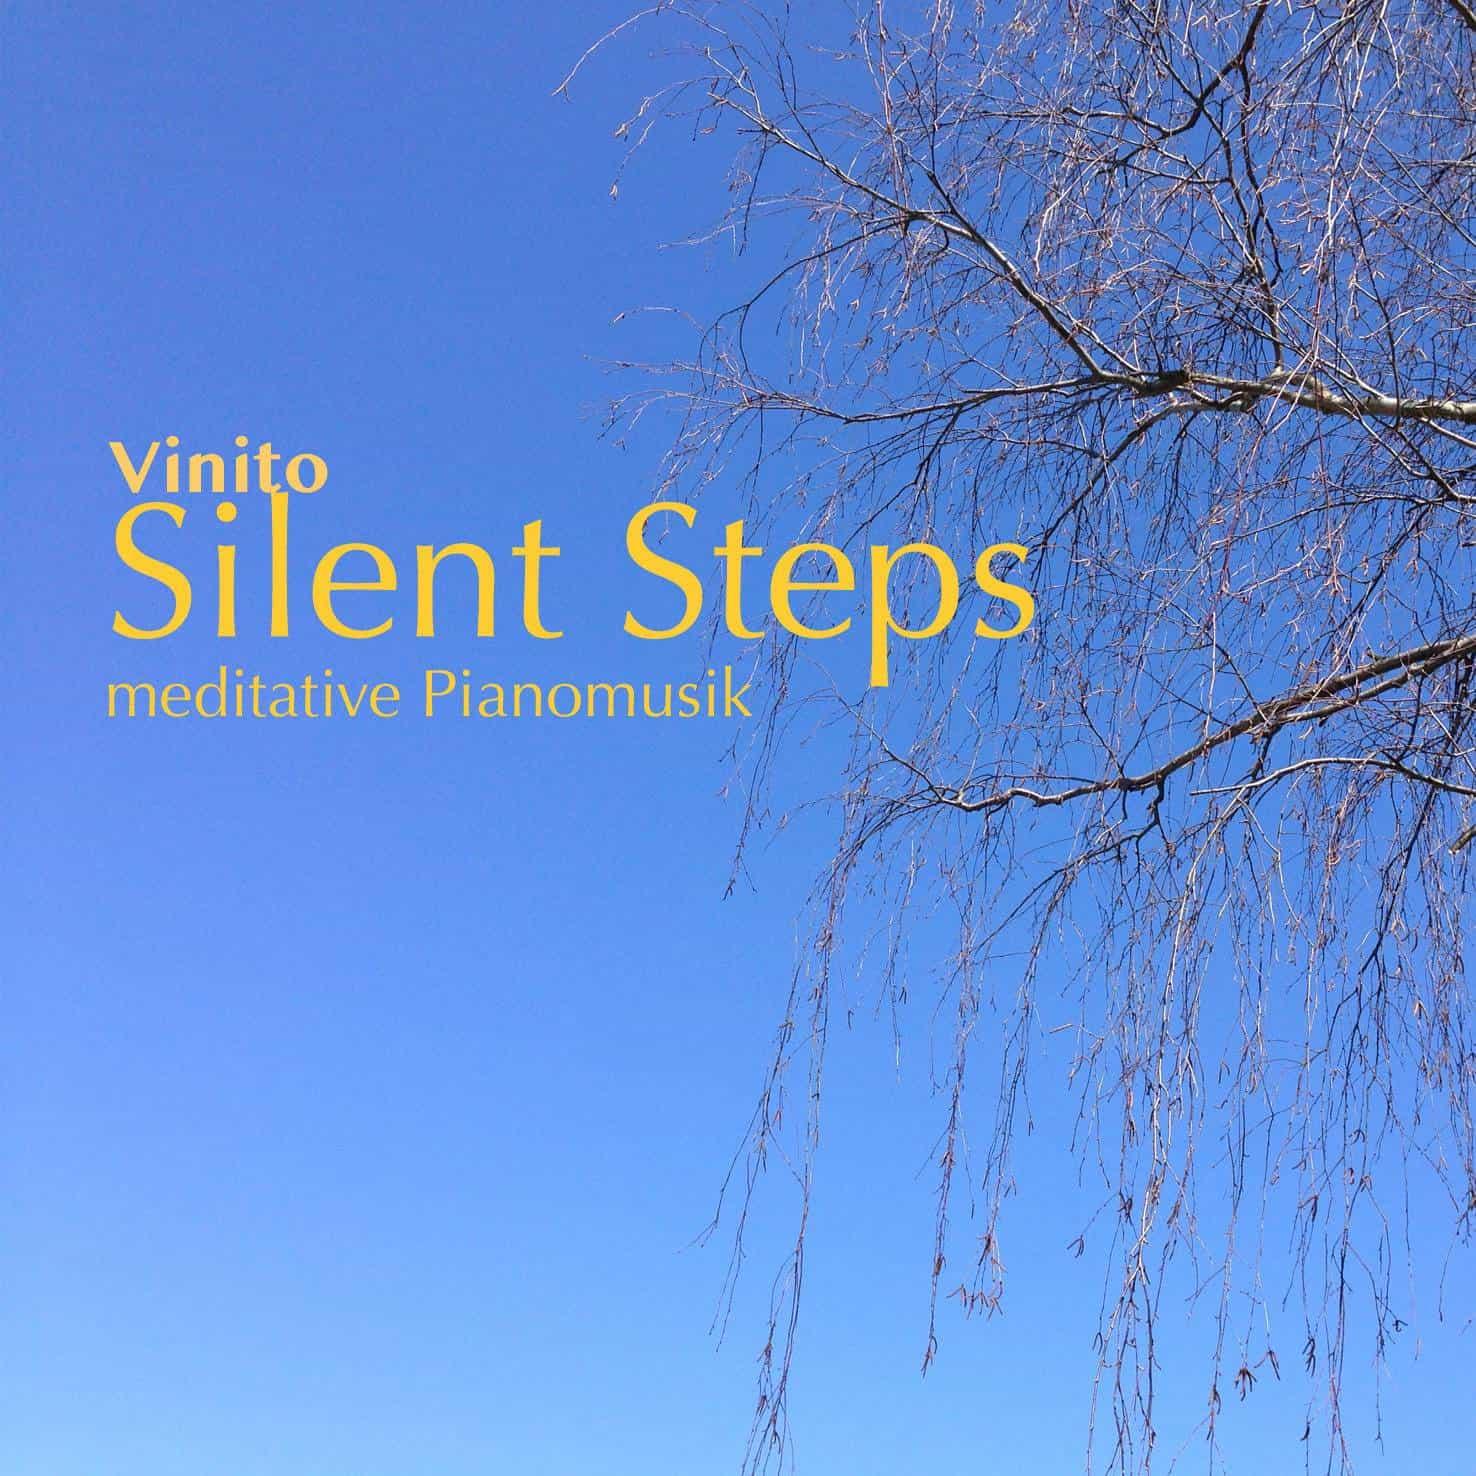 Silent Steps - meditative Piano-Musik. Auch mit Musik-Lizenz für eine gewerbilche Nutzung: Therapie, Coaching, Entspannung, Yoga, Meditation.